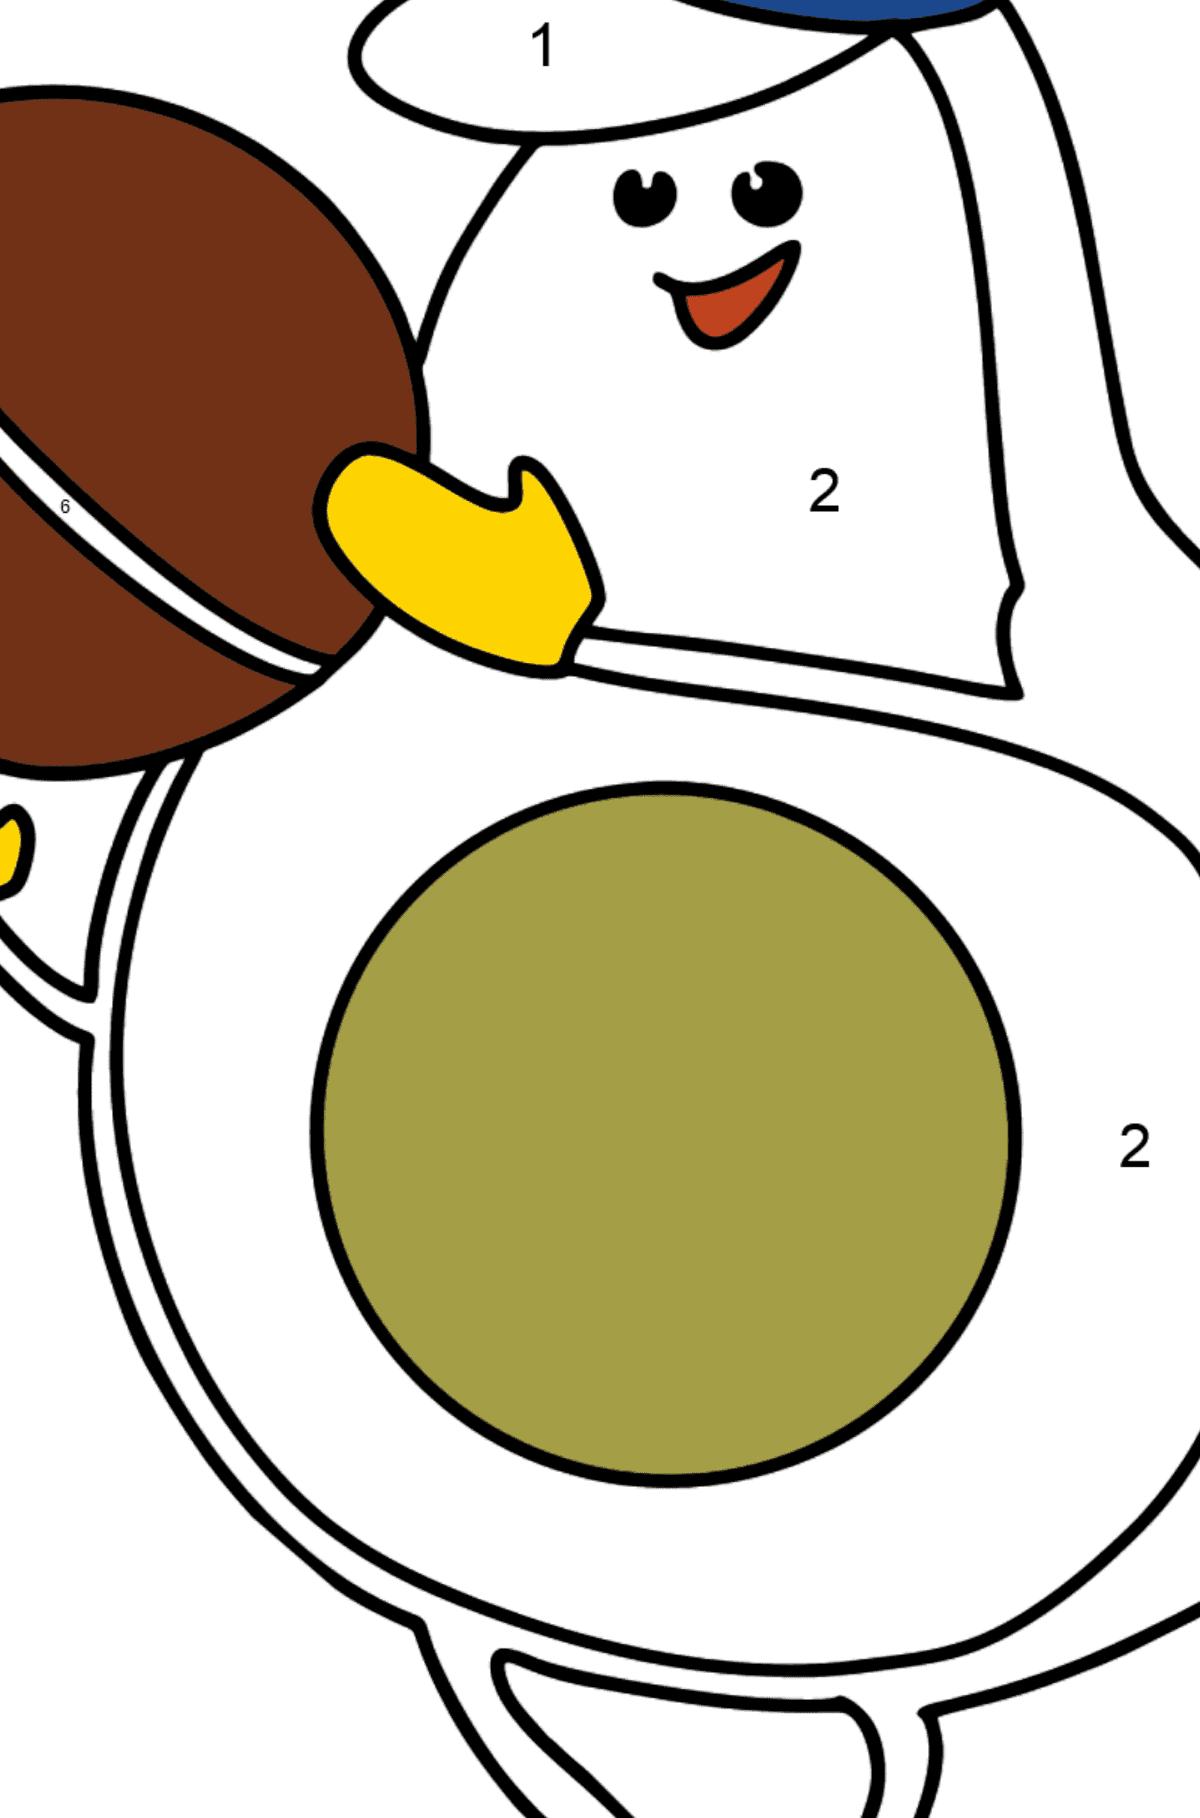 Раскраска Авокадо играет в футбол - Раскраска по Номерам для Детей